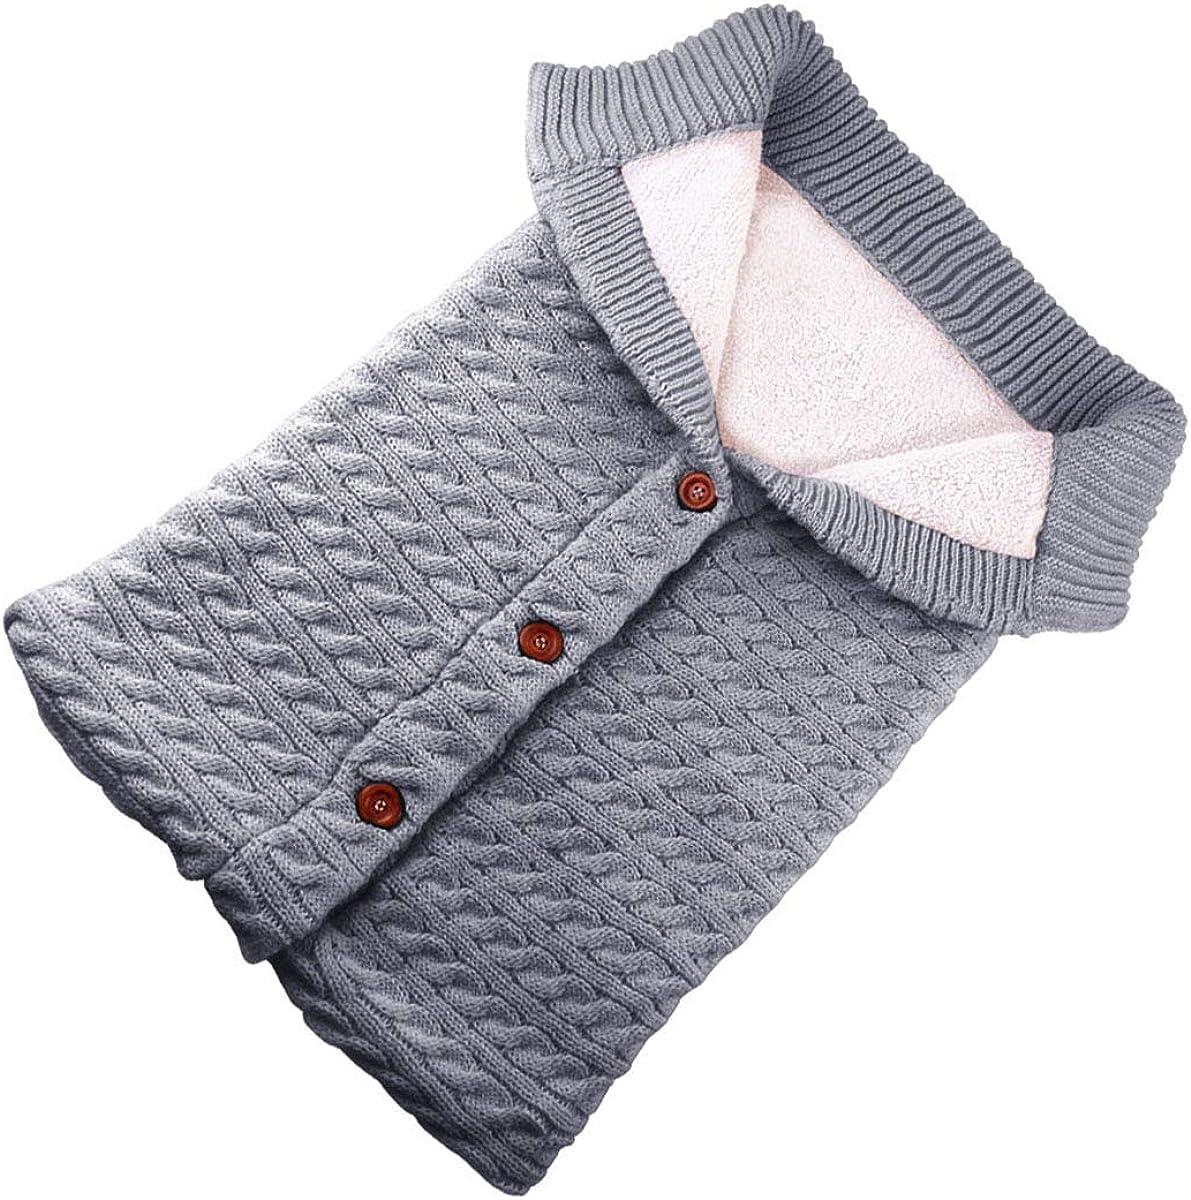 SOONHUA Bebé Recién Nacido Niñas Niños Envolver Manta Saco de Dormir Manta de Invierno Crochet de Punto Abrigo Cálido Que Recibe Mantas de Cochecito para 0-18 Meses Bebé Niño